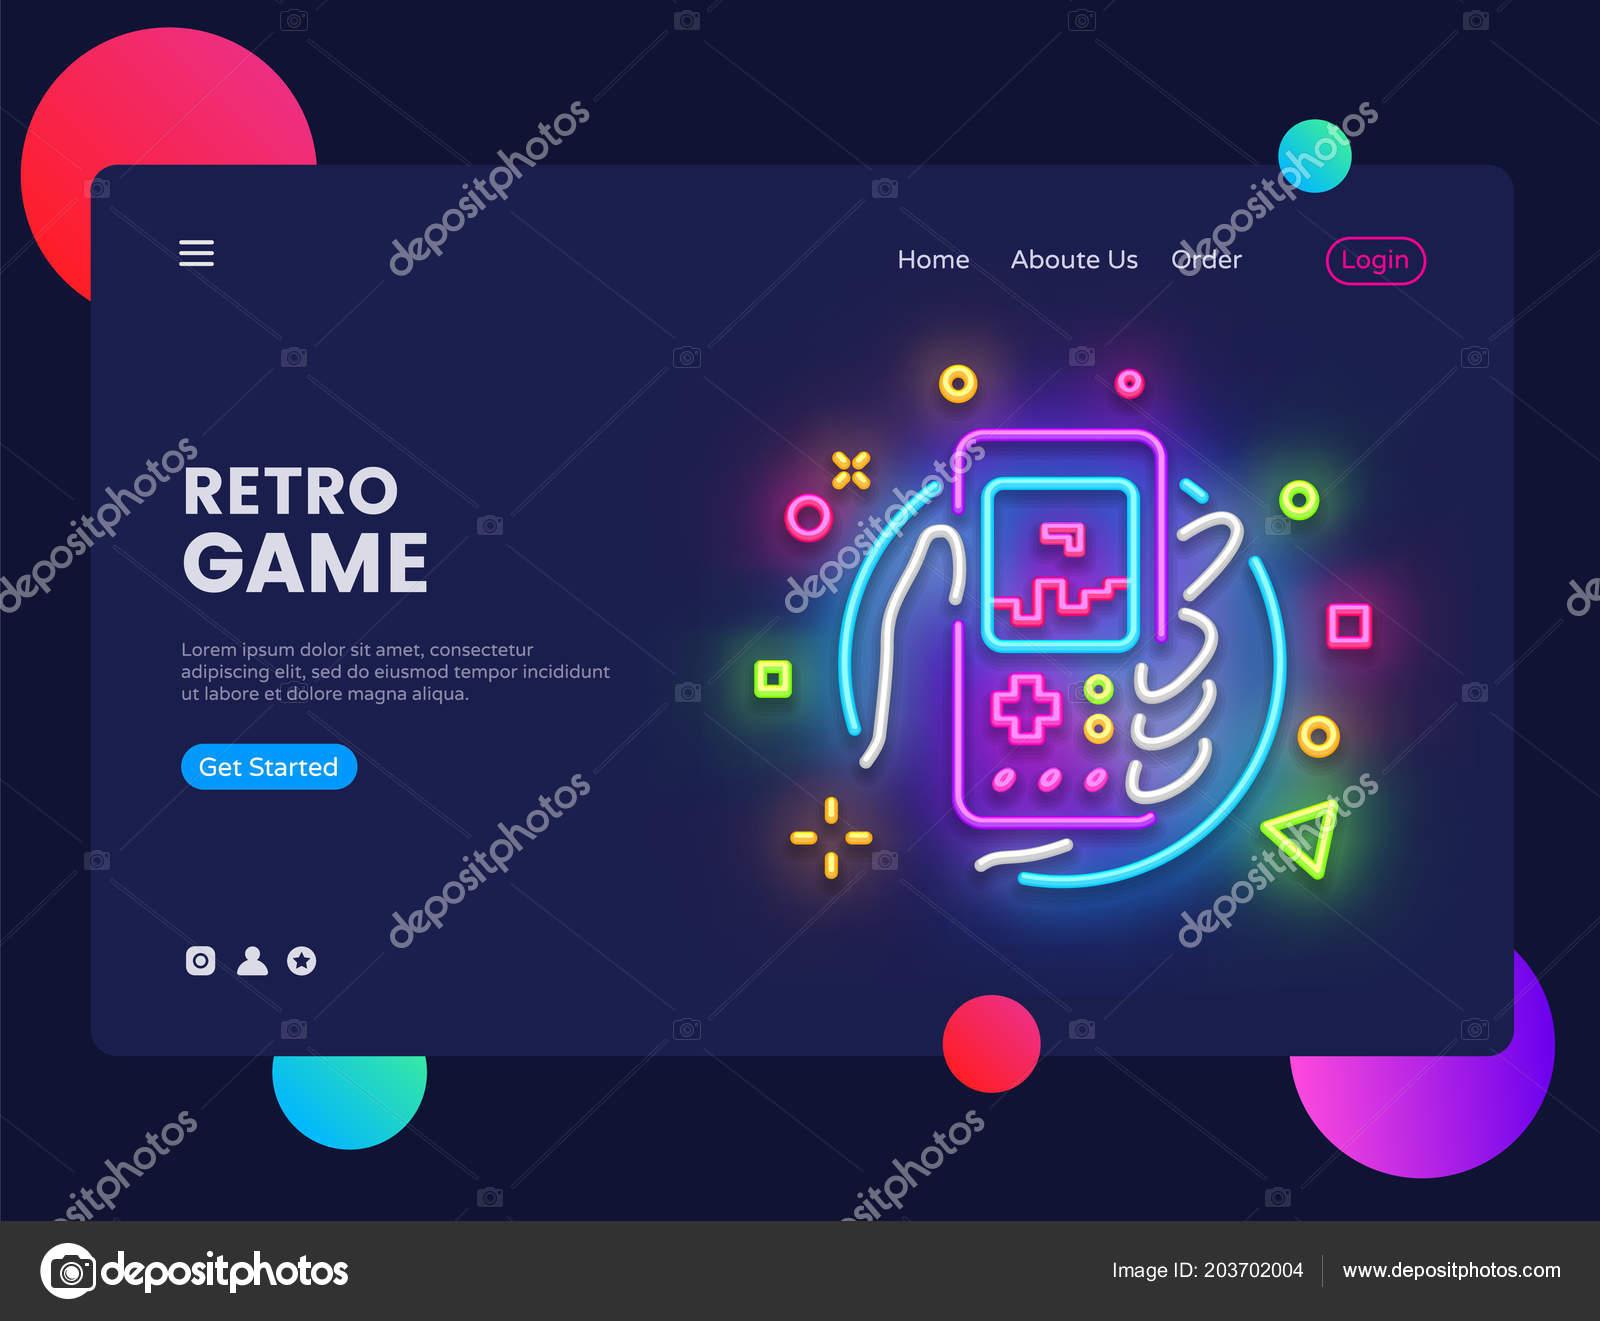 Retro Spiel Licht Banner In Neon Stil, Retro Geek Gaming Gamepad In Der  Hand, Leuchtreklame, Moderne Design, Helle Nachtleben Werbung U2014 Vektor Von  Soifer